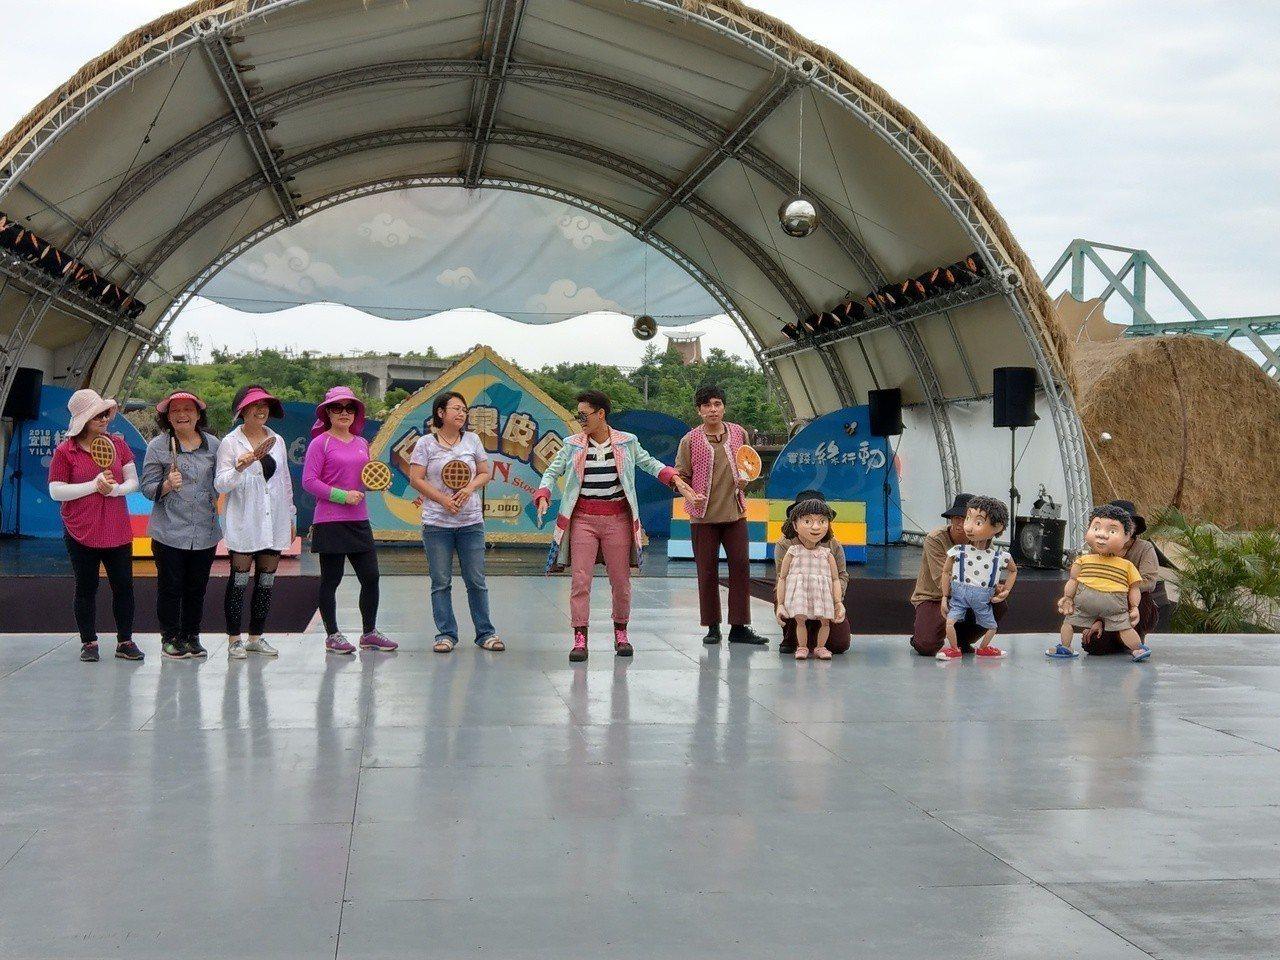 宜蘭綠博剩下最後幾天,園區每天都安排表演。記者戴永華/攝影